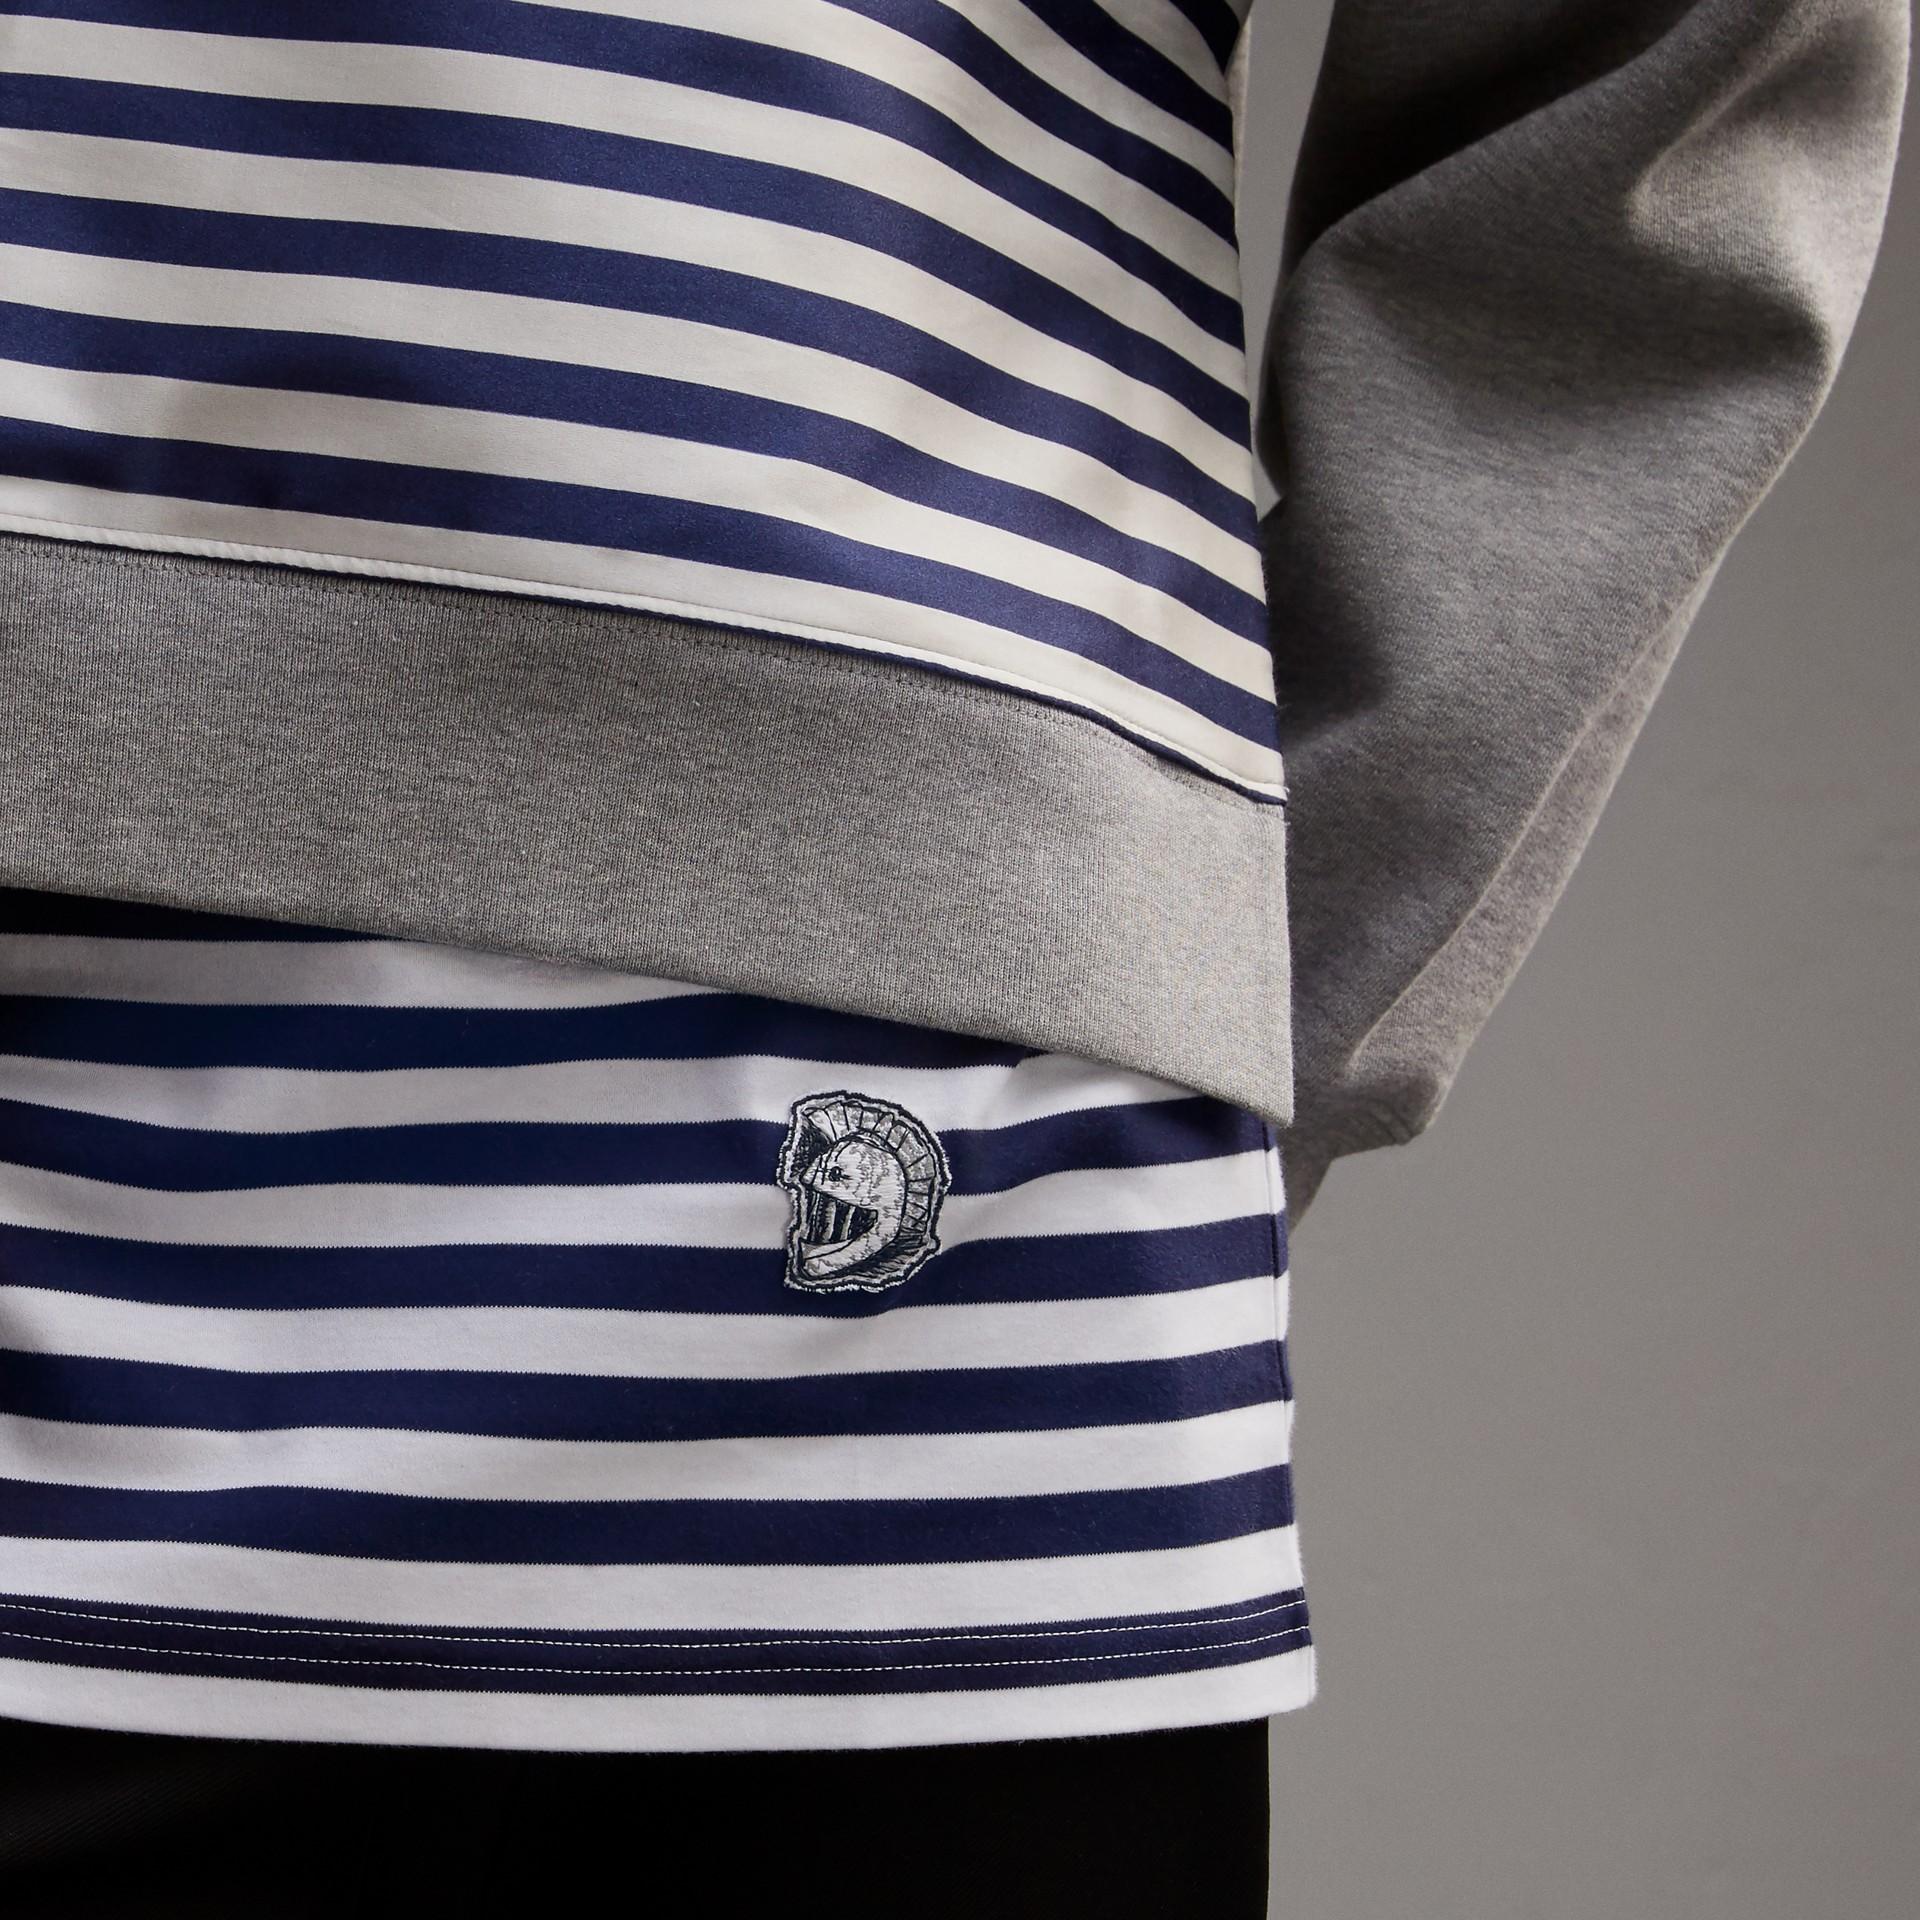 Unisex-Sweatshirt mit Streifenpanel aus Baumwollseide (Grau Meliert) - Herren | Burberry - Galerie-Bild 6